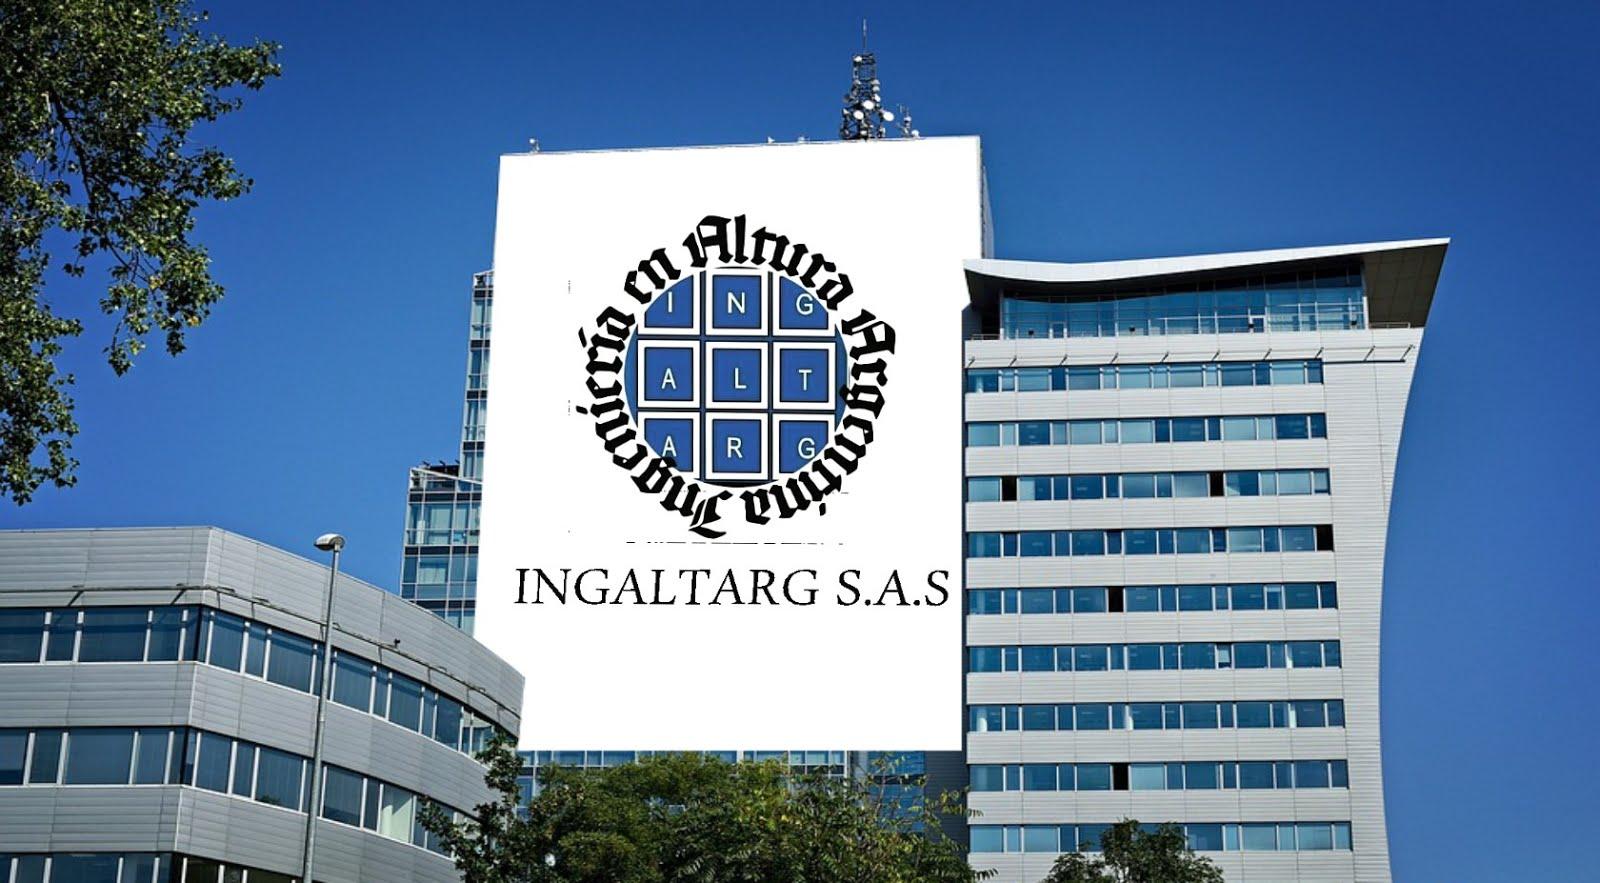 INGALTARG S.A.S